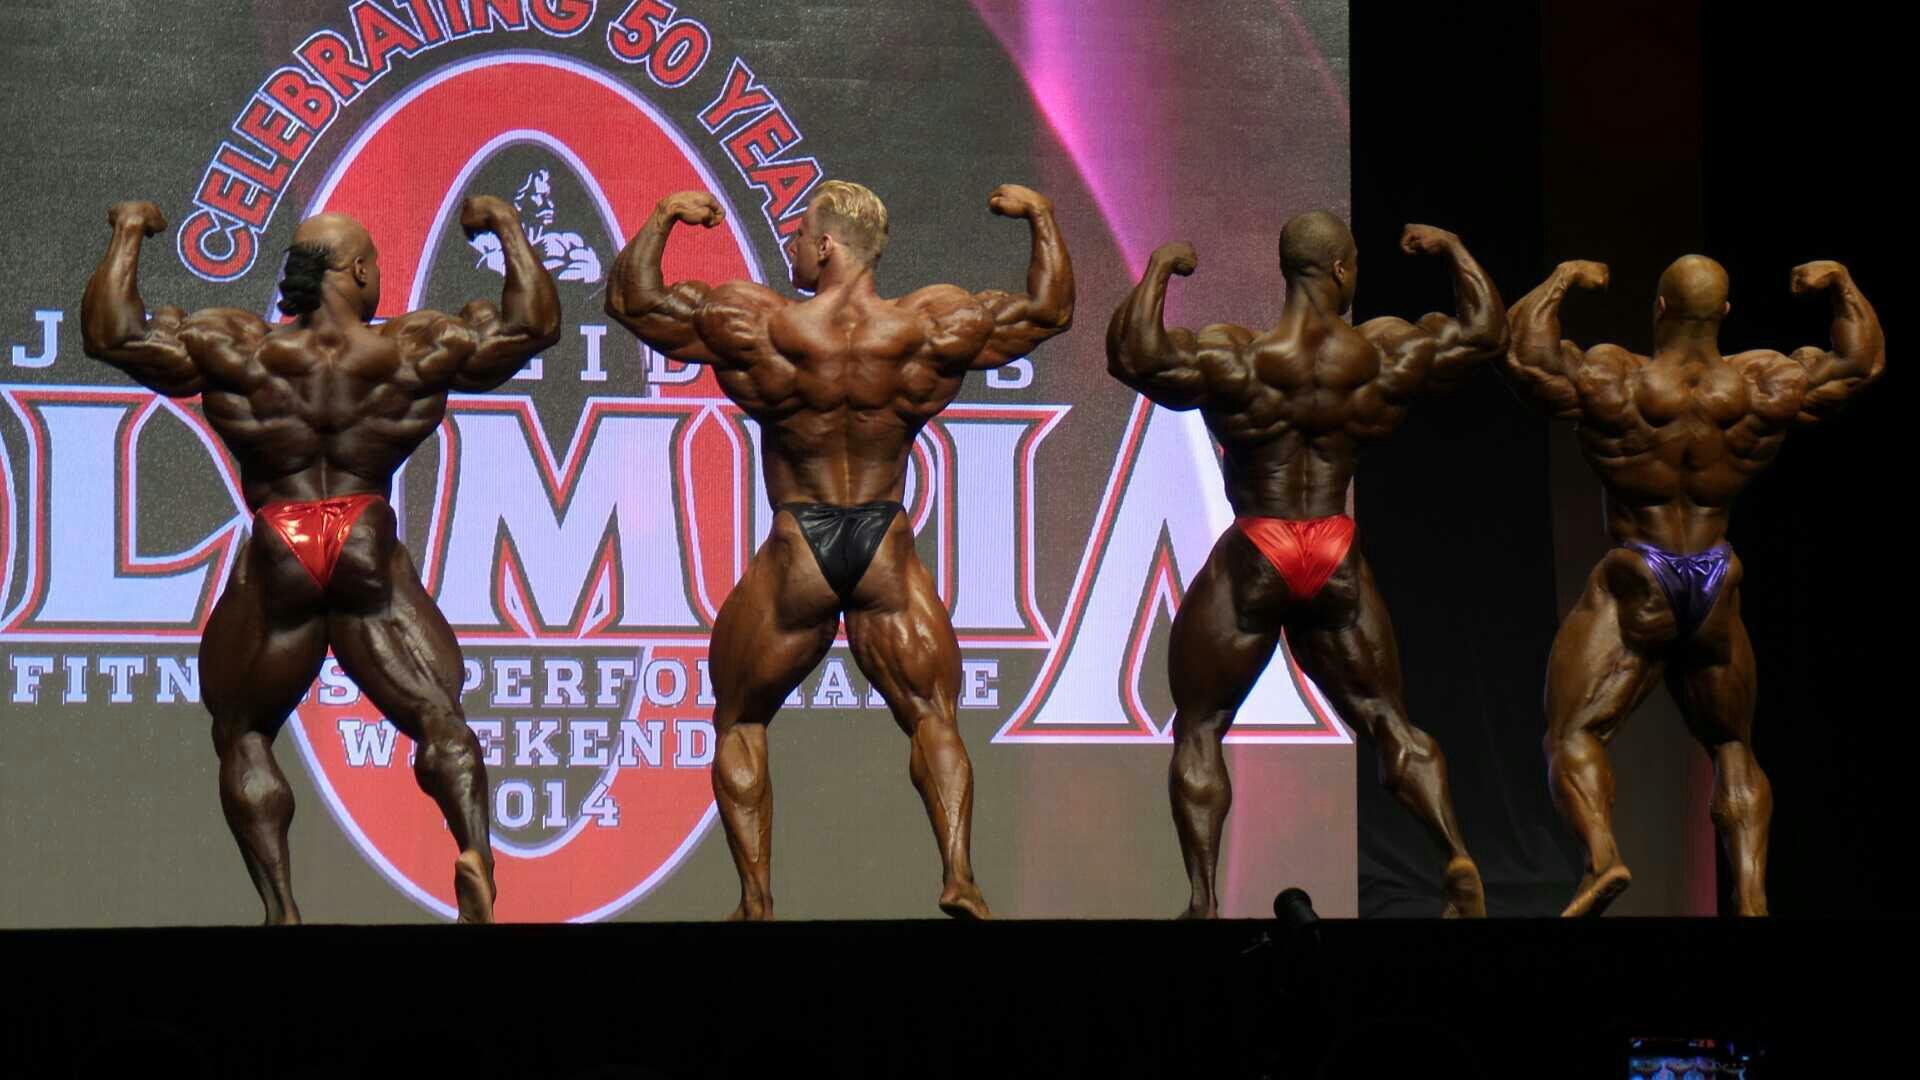 Mr. Olympia 2014 Webcast Ru4y8ady